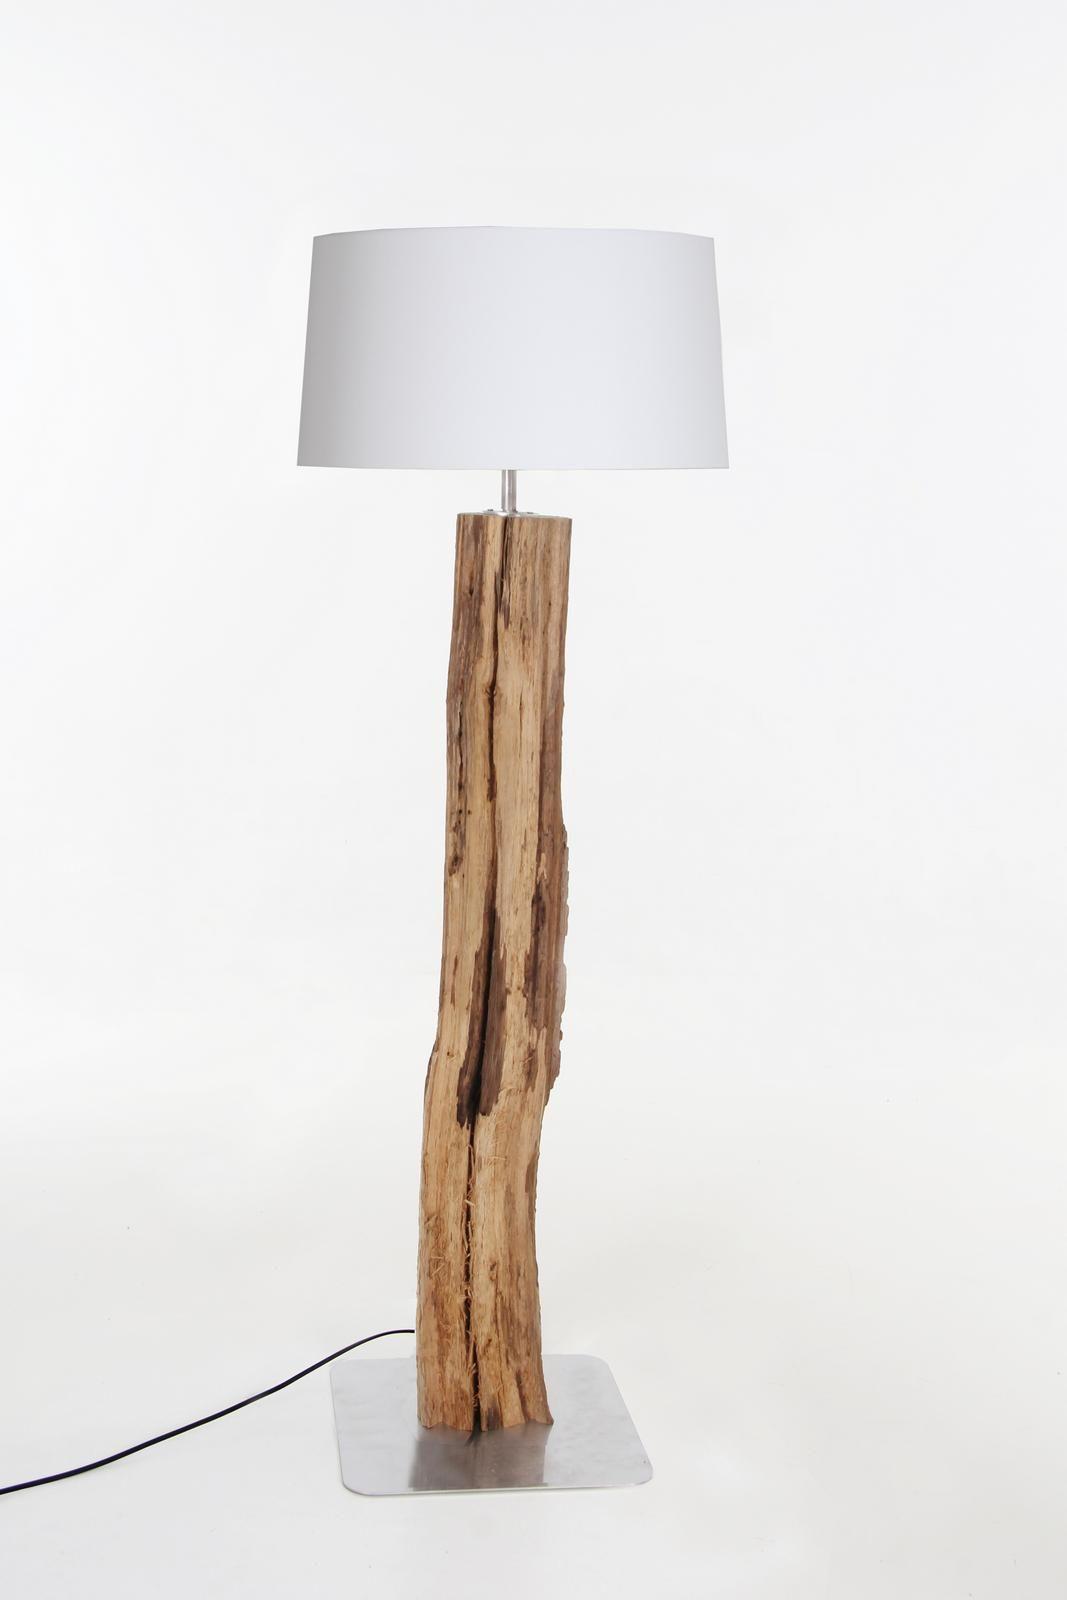 Staande Lamp Oud Eikenstam Met Witte Kap Lampen In Woonkamer Lampen Met Hout Houten Lamp